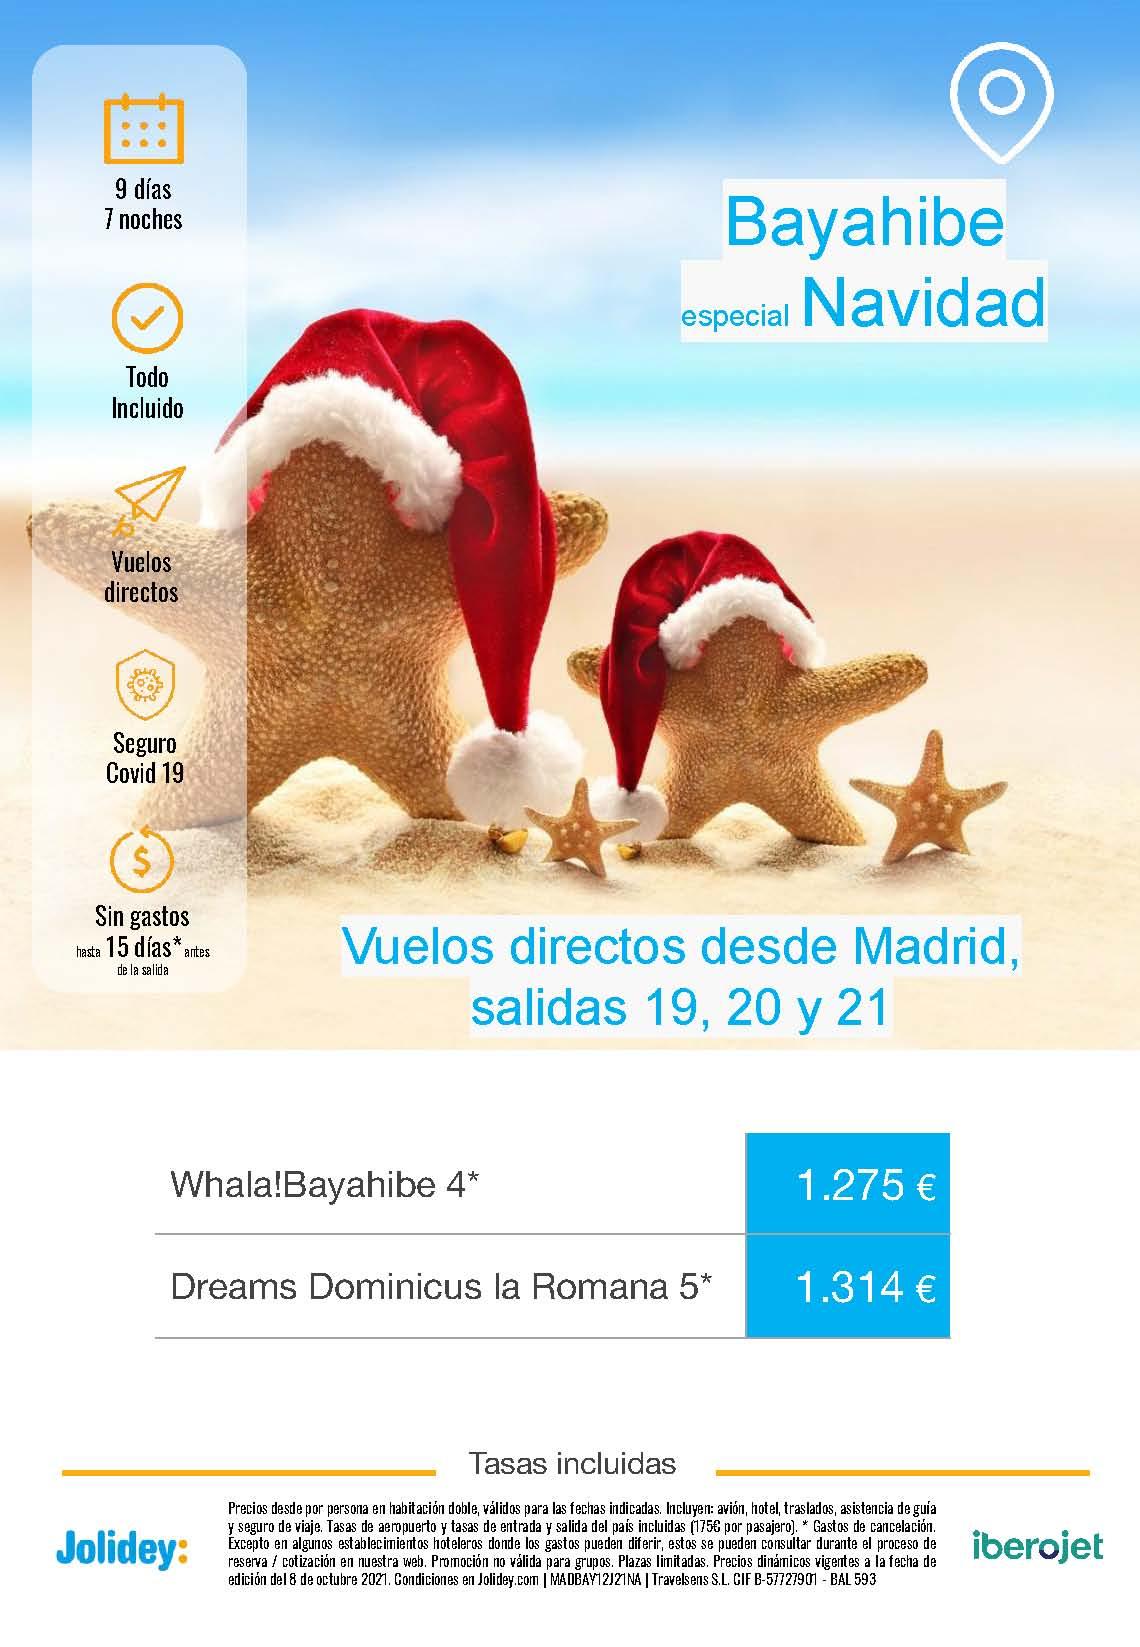 Ofertas Jolidey Navidad 2021 en Bayahibe Republica Dominicana salida en vuelo directo desde Madrid